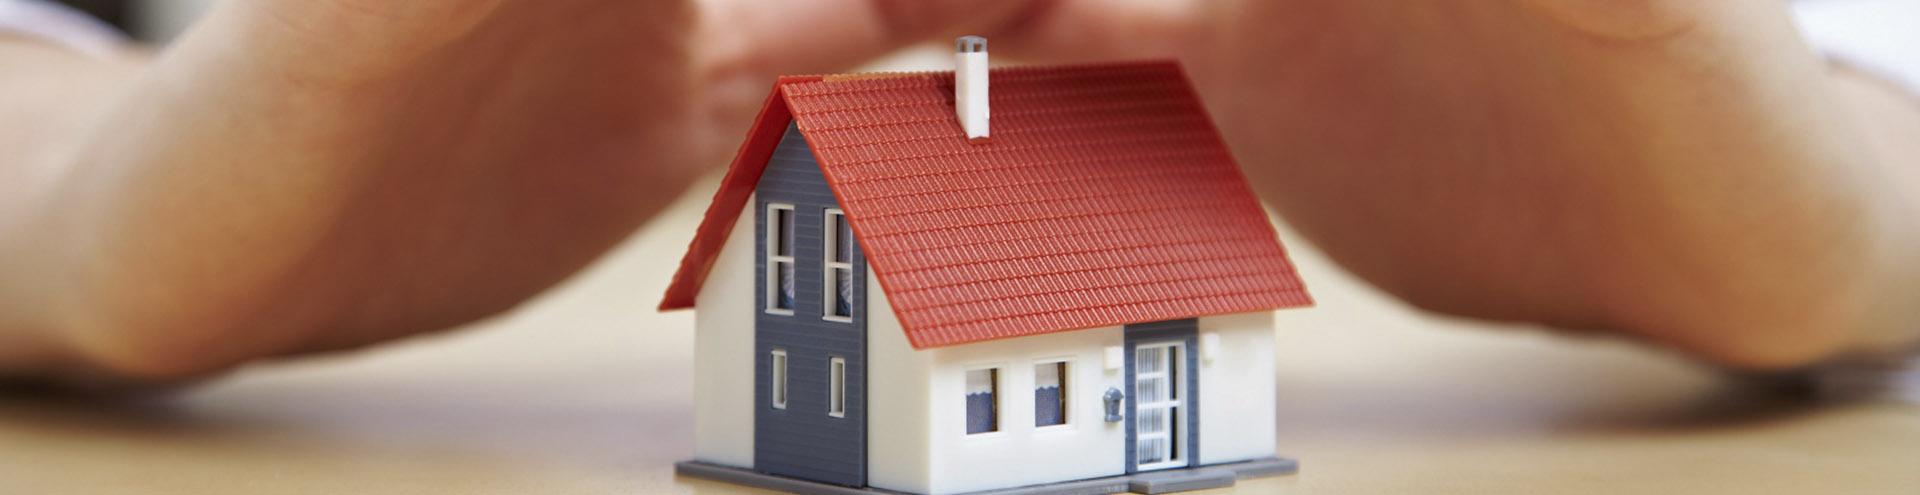 Жилищные споры, разрешение жилищных споров в Оренбурге и Оренбургской области